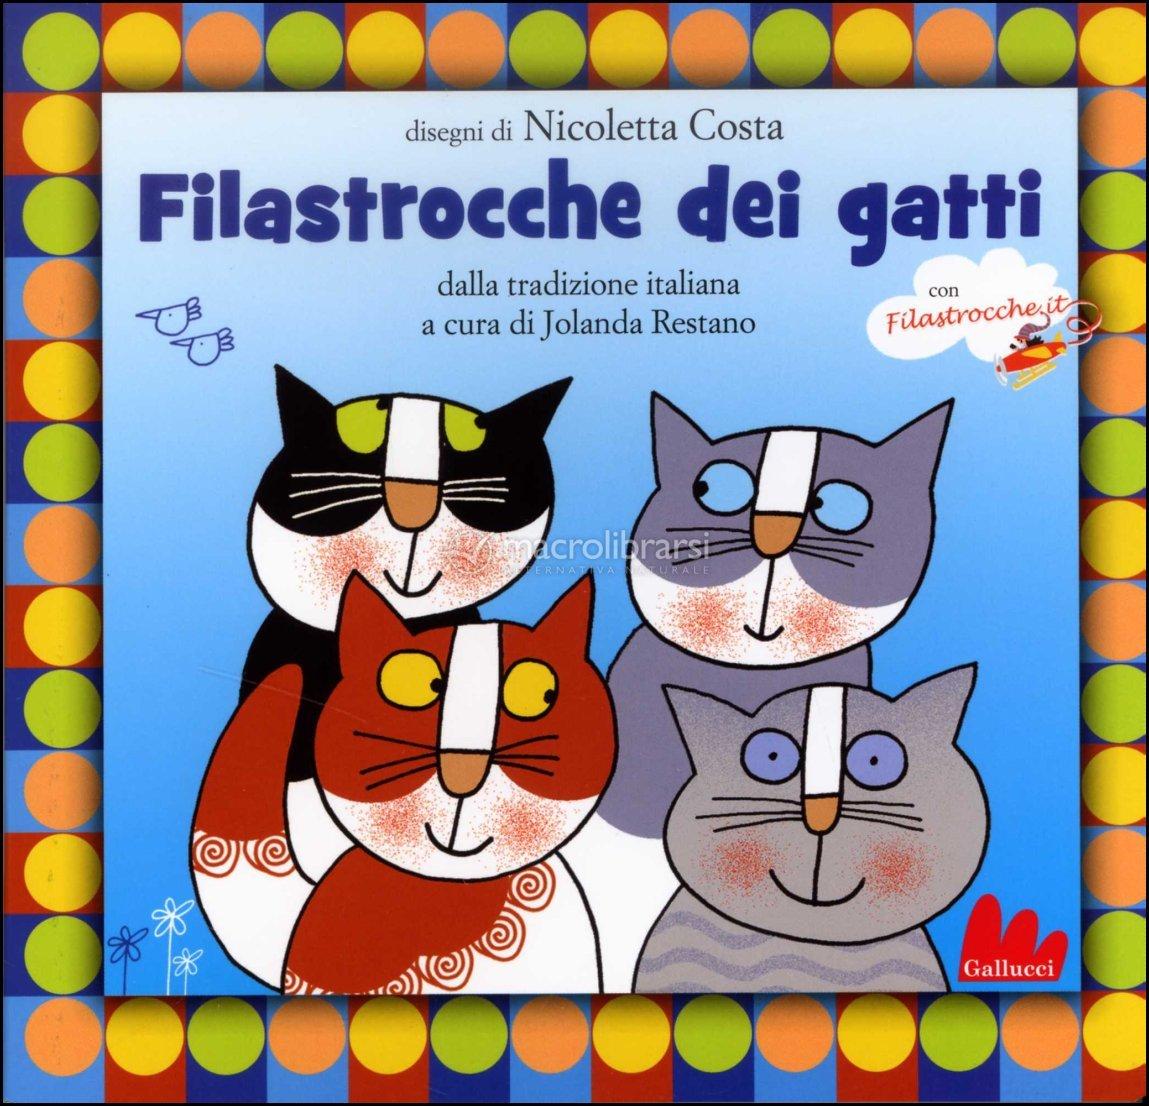 Filastrocche Dei Gatti Libro Cd Libro Di Nicoletta Costa